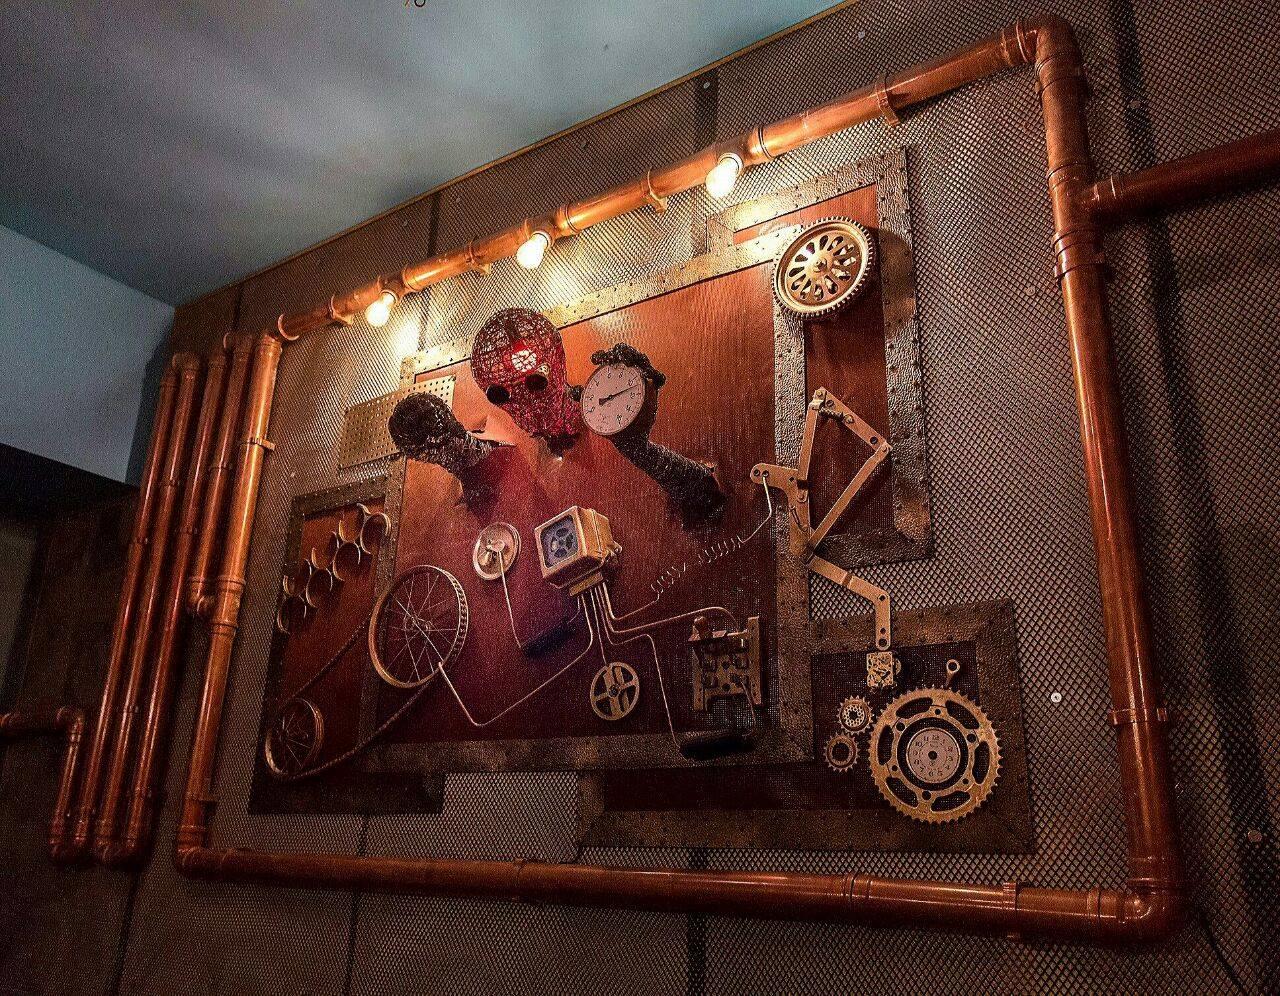 სტიმპანკ ლაფე-ბარი ტარდისი თბილისში. ჯაბა ინალიშვილის ნამუშევარი. ფოტო: ტარდისი